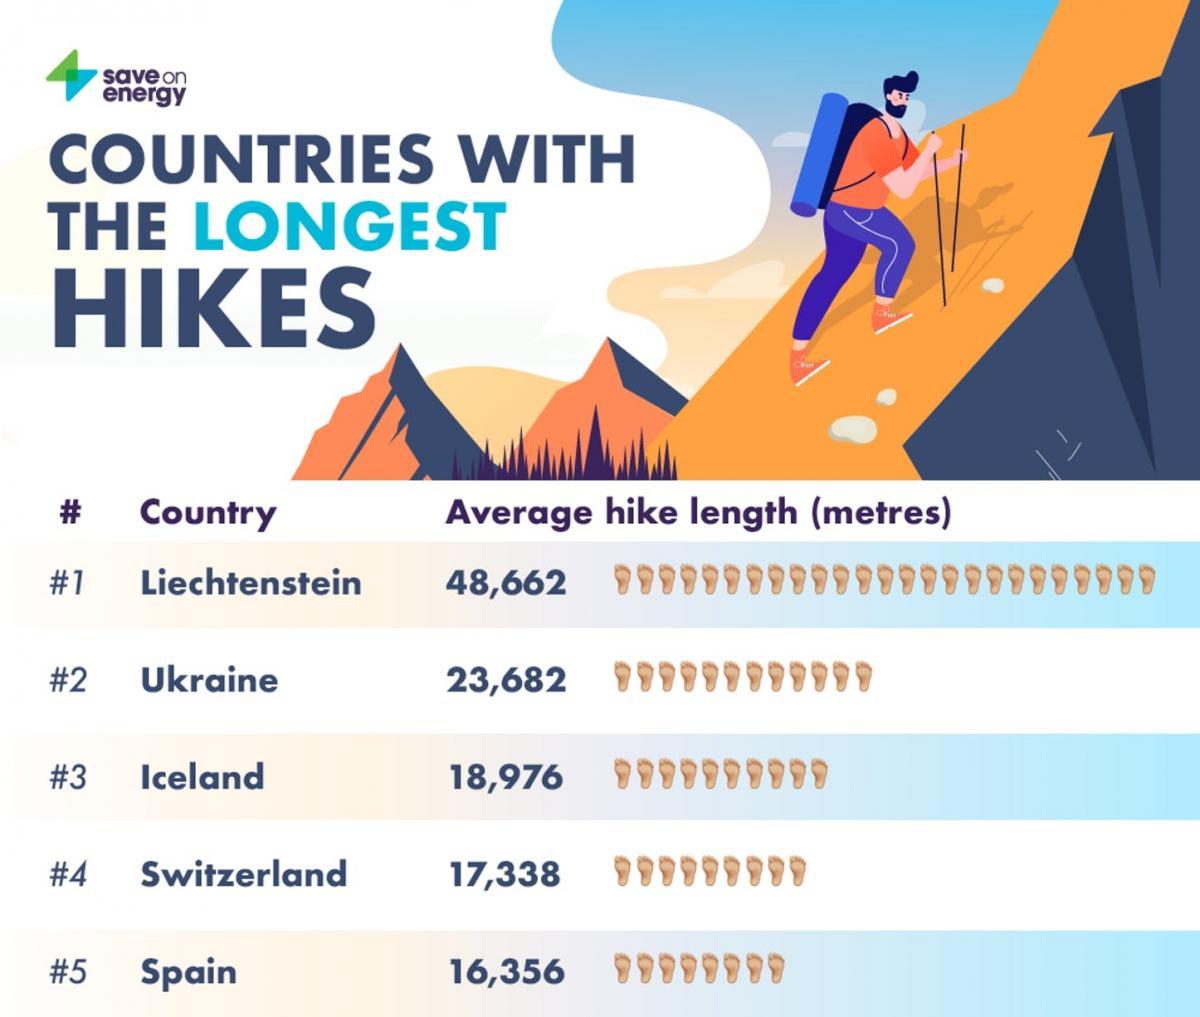 Страны с самыми продолжительными пешеходными маршрутами / фото saveonenergy.com